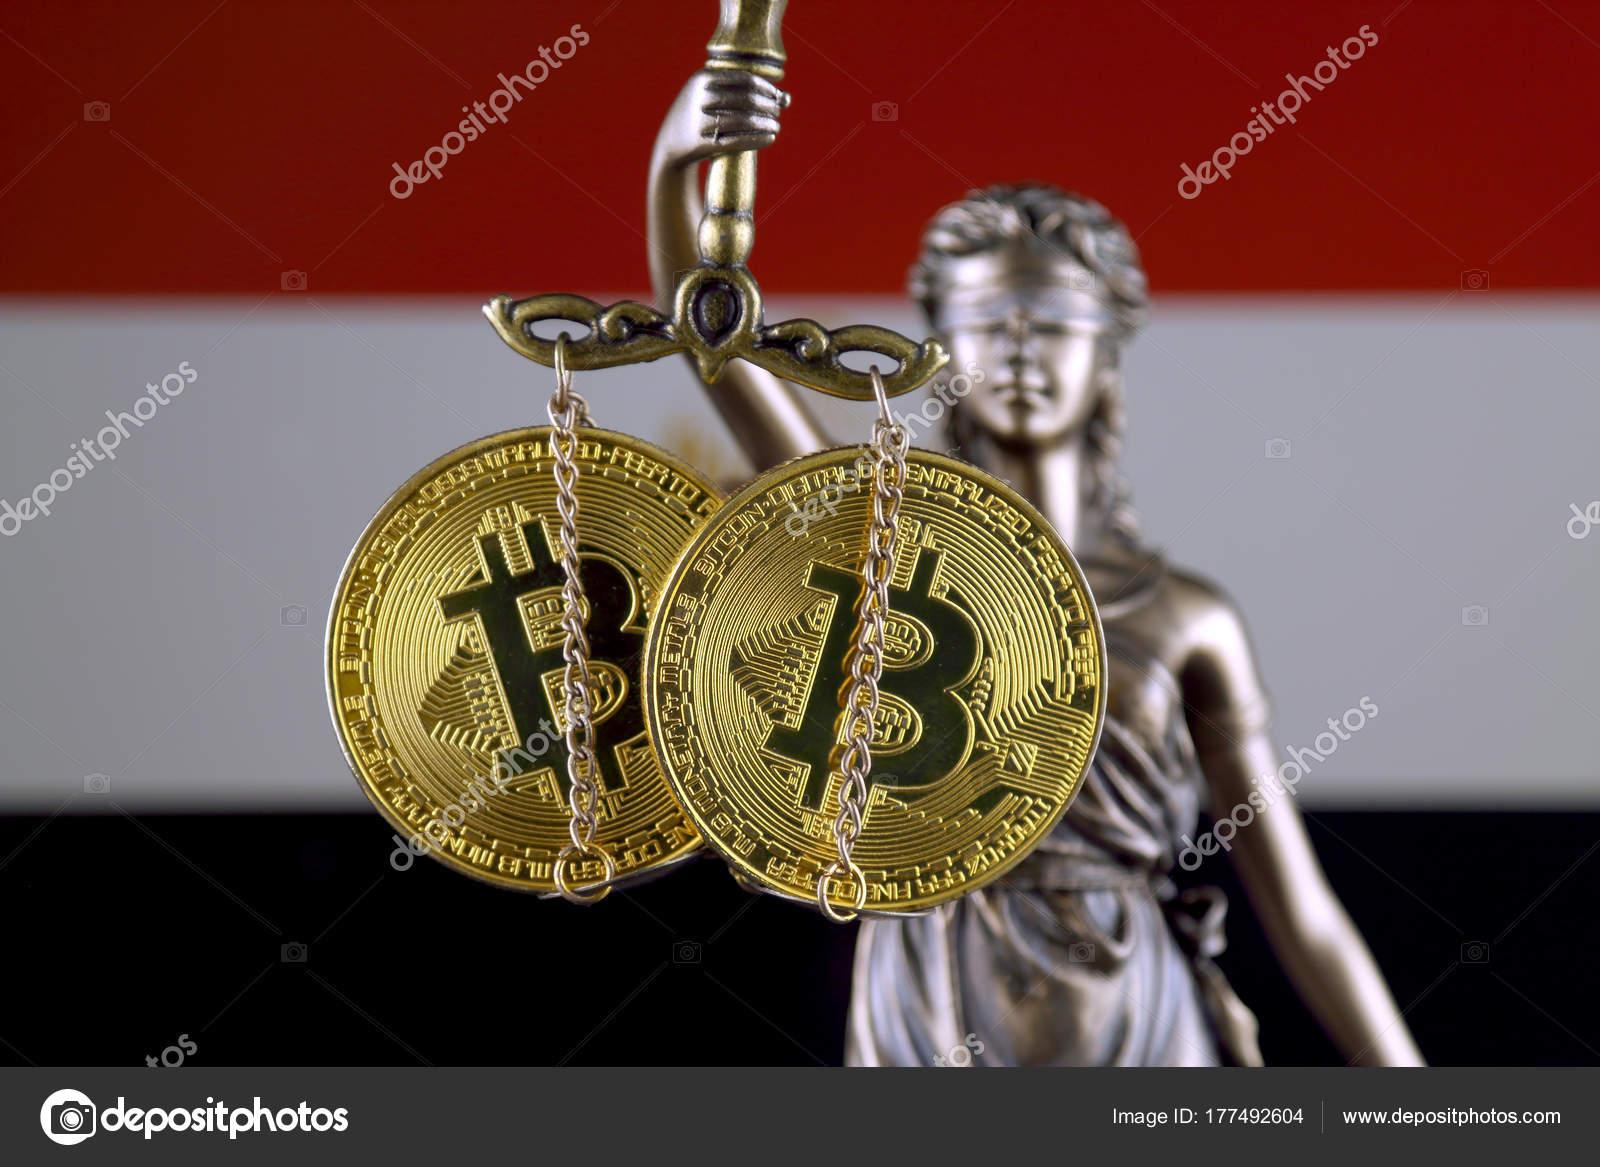 Ralizik a bitcoin: rég nem ugrott ekkorát a digitális arany - krisztinahaz.hu